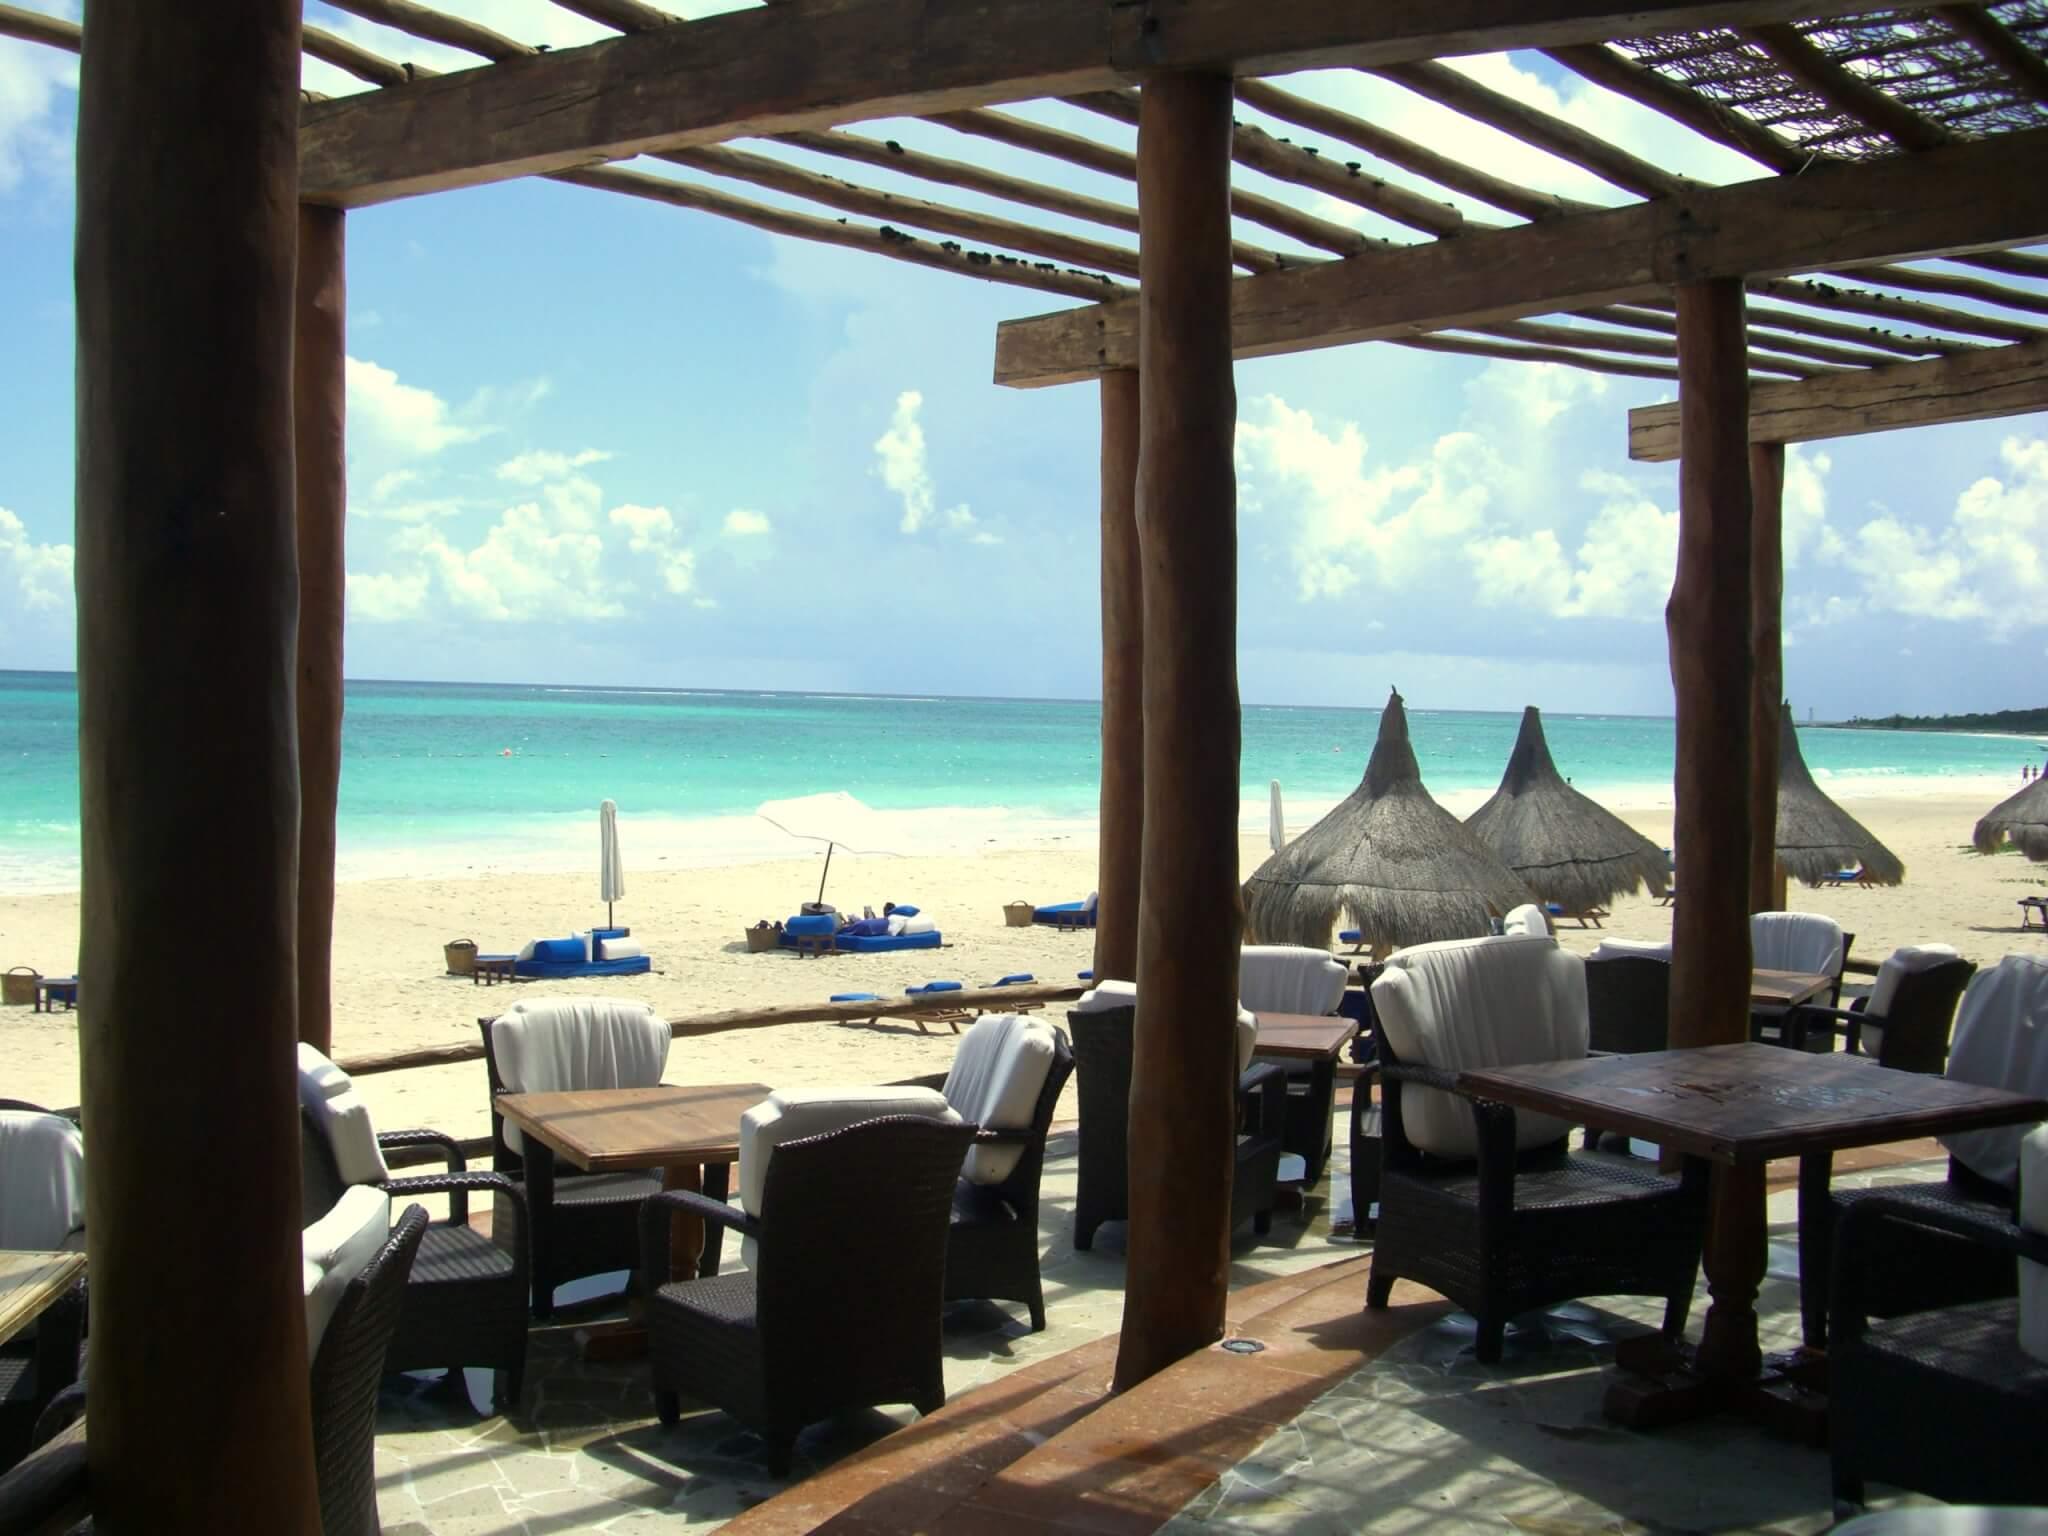 Sur la plage attenant l'hôtel et les résidences (c) GAD